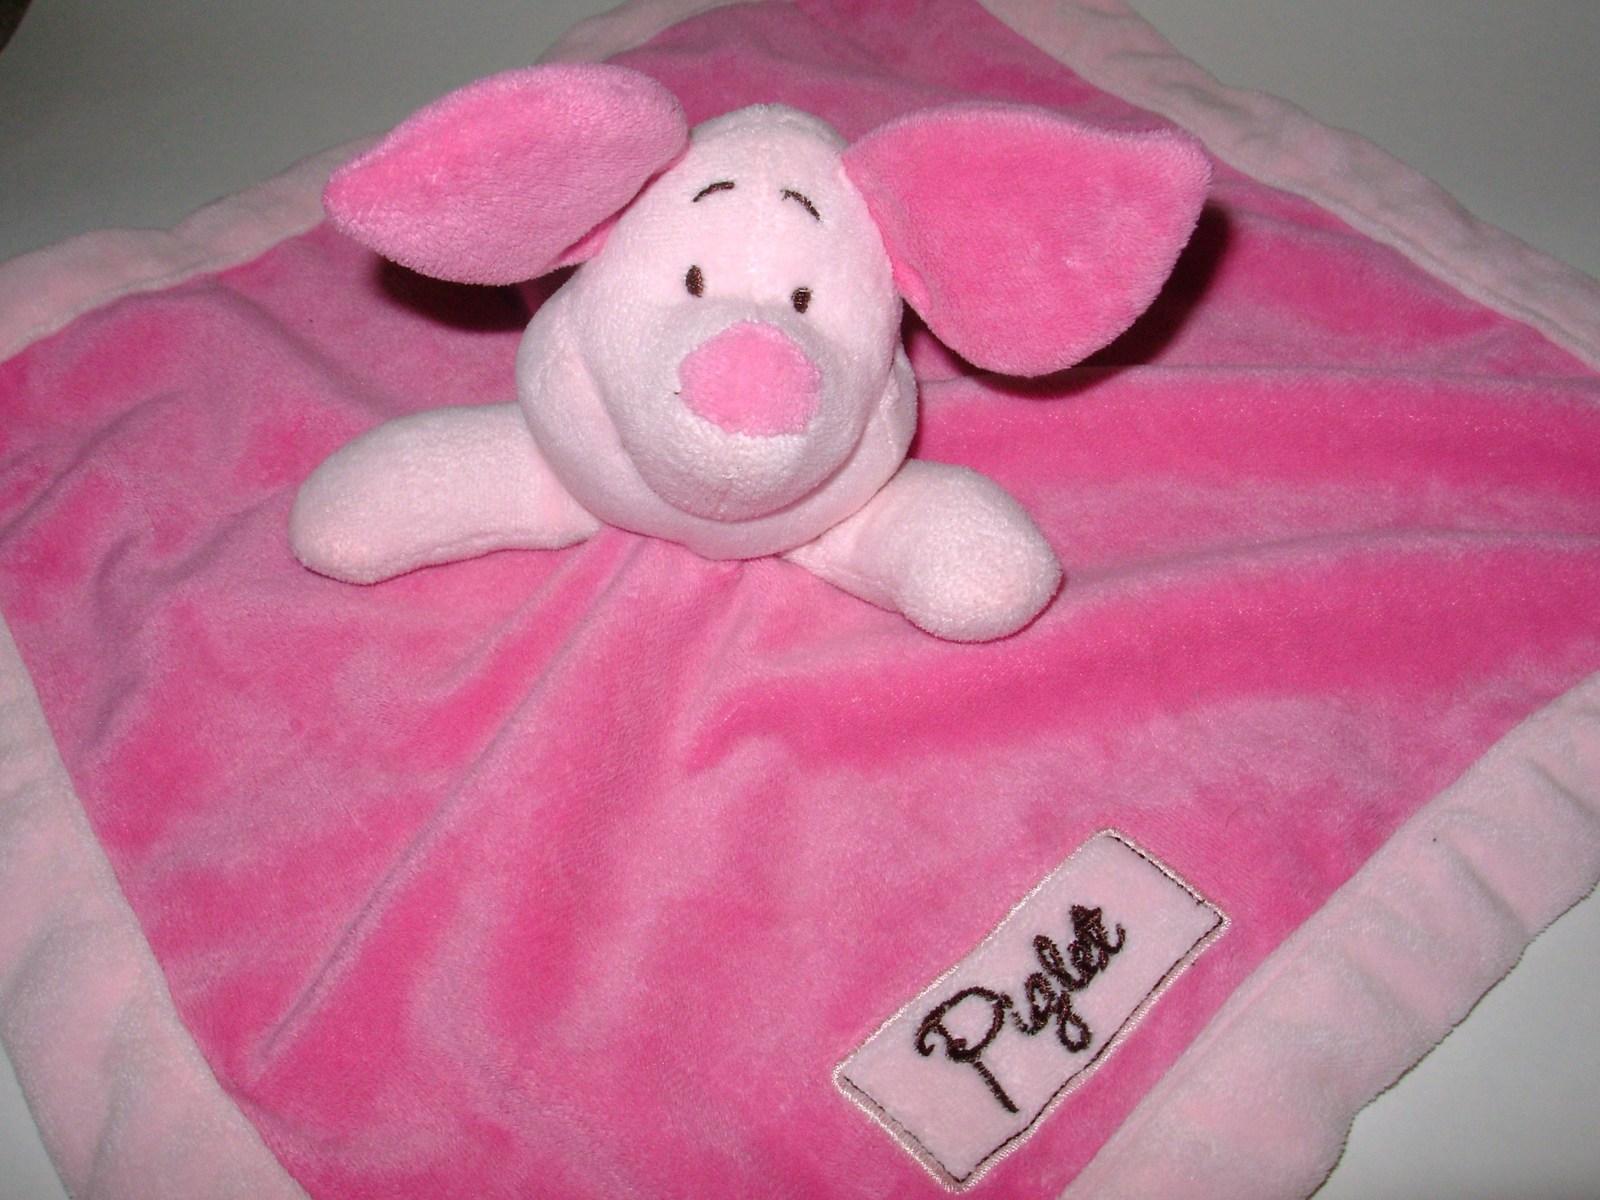 Disney Baby Piglet Security Blanket Blankie Winnie The